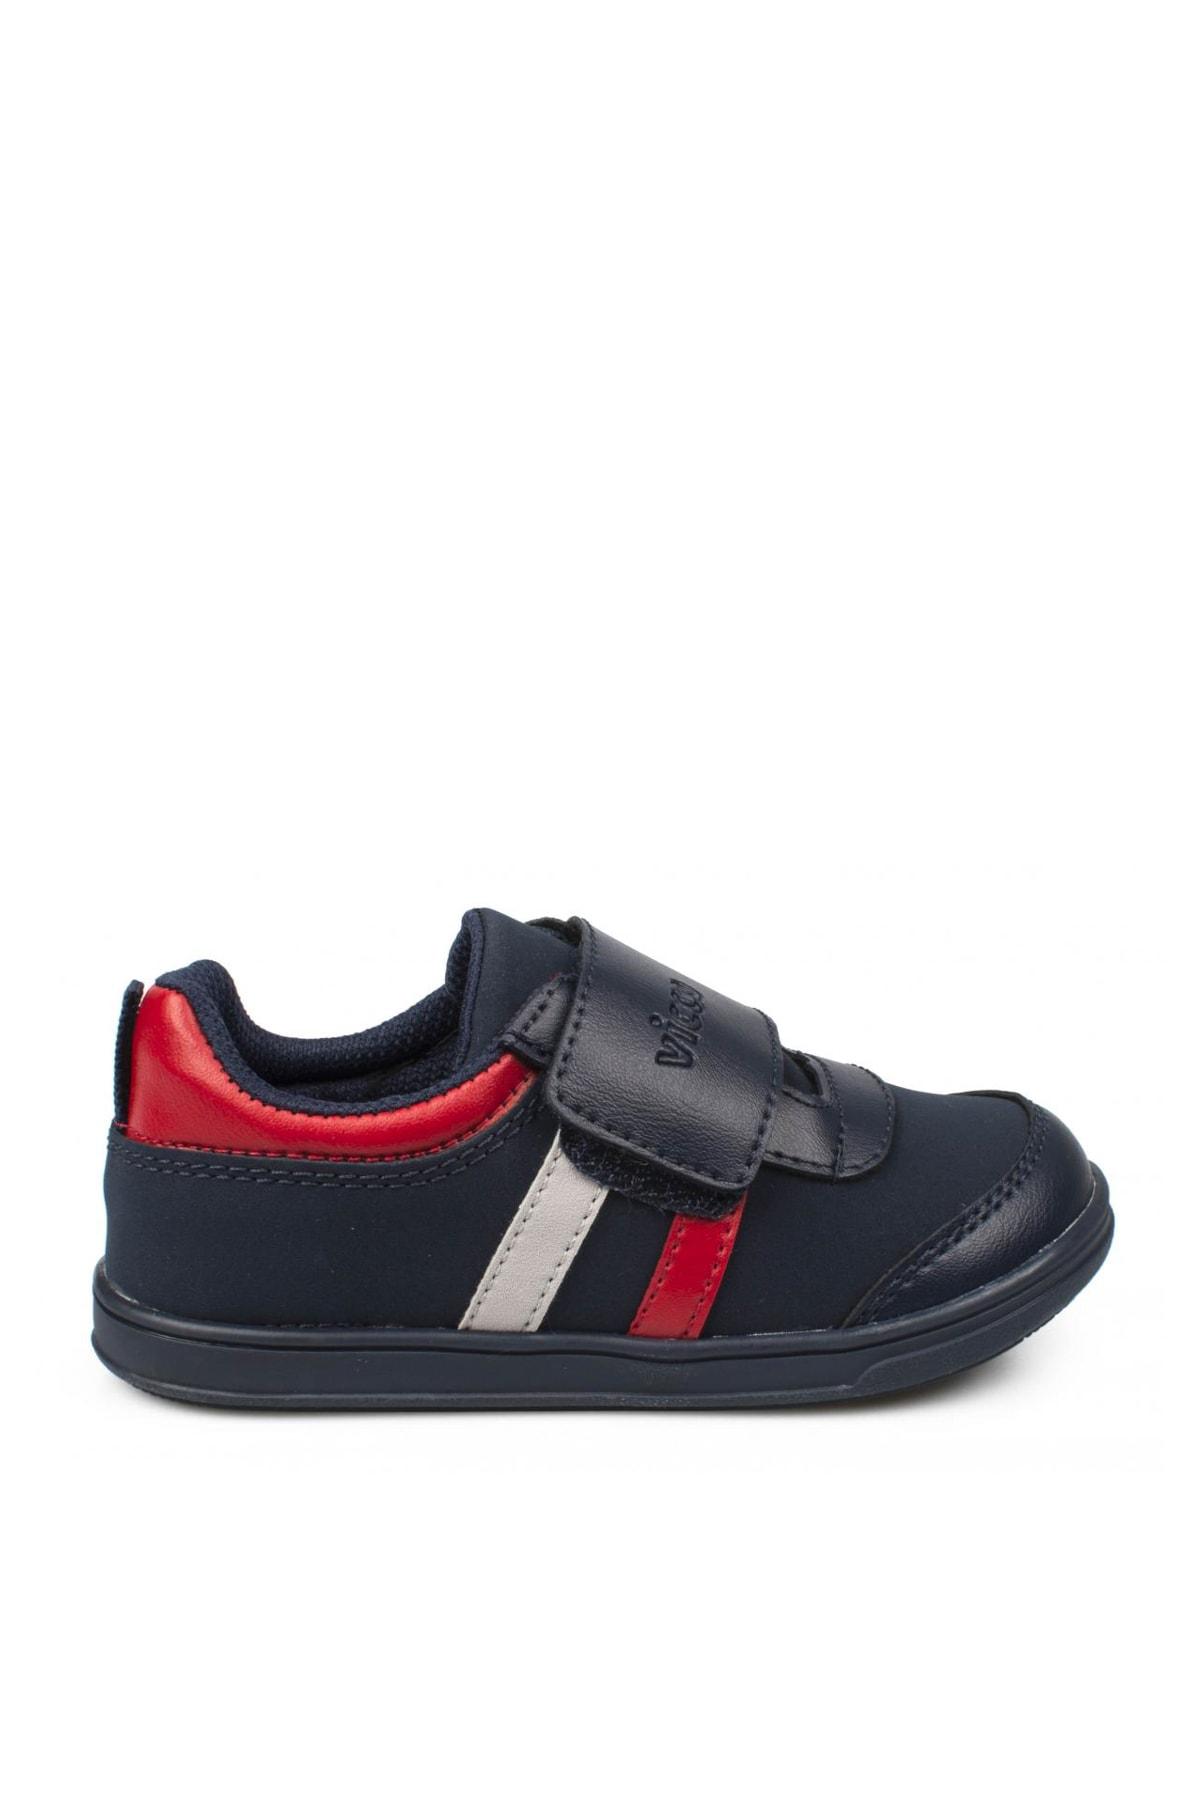 Vicco Lacivert Kırmızı Kız Bebek Yürüyüş Ayakkabısı 211 950.E19K223 2